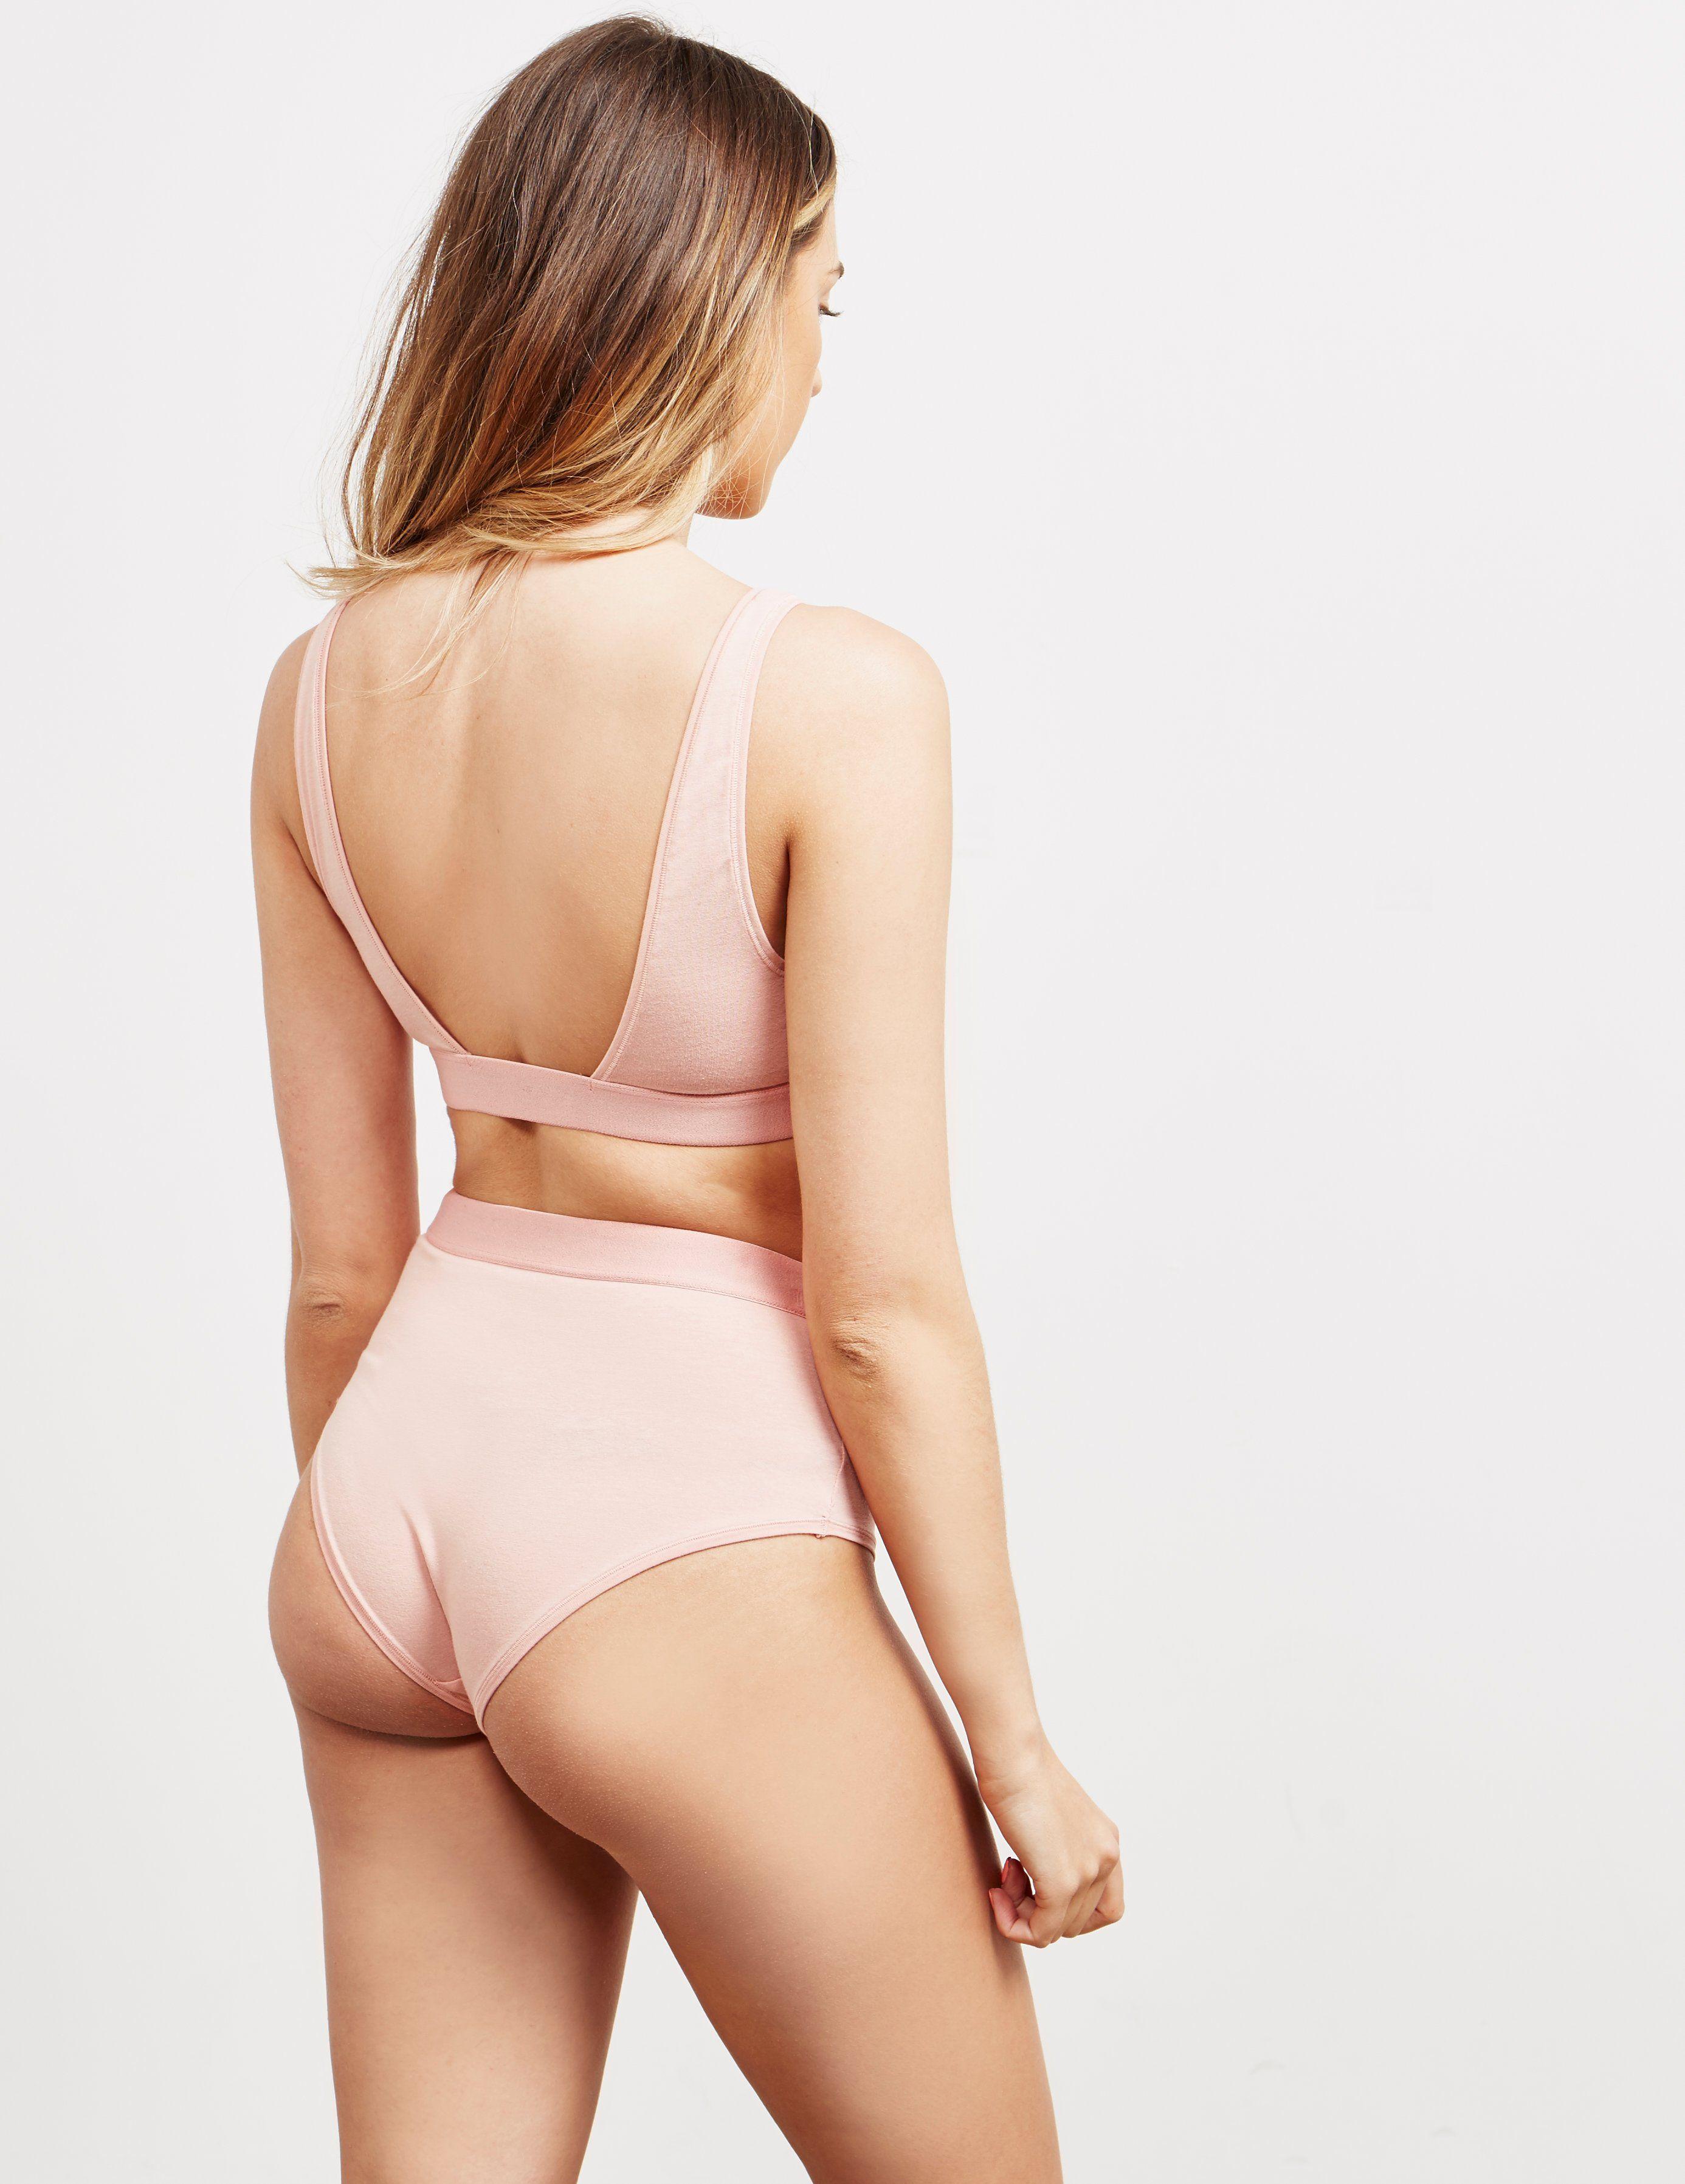 Tommy Hilfiger Underwear Origin Cut Bra